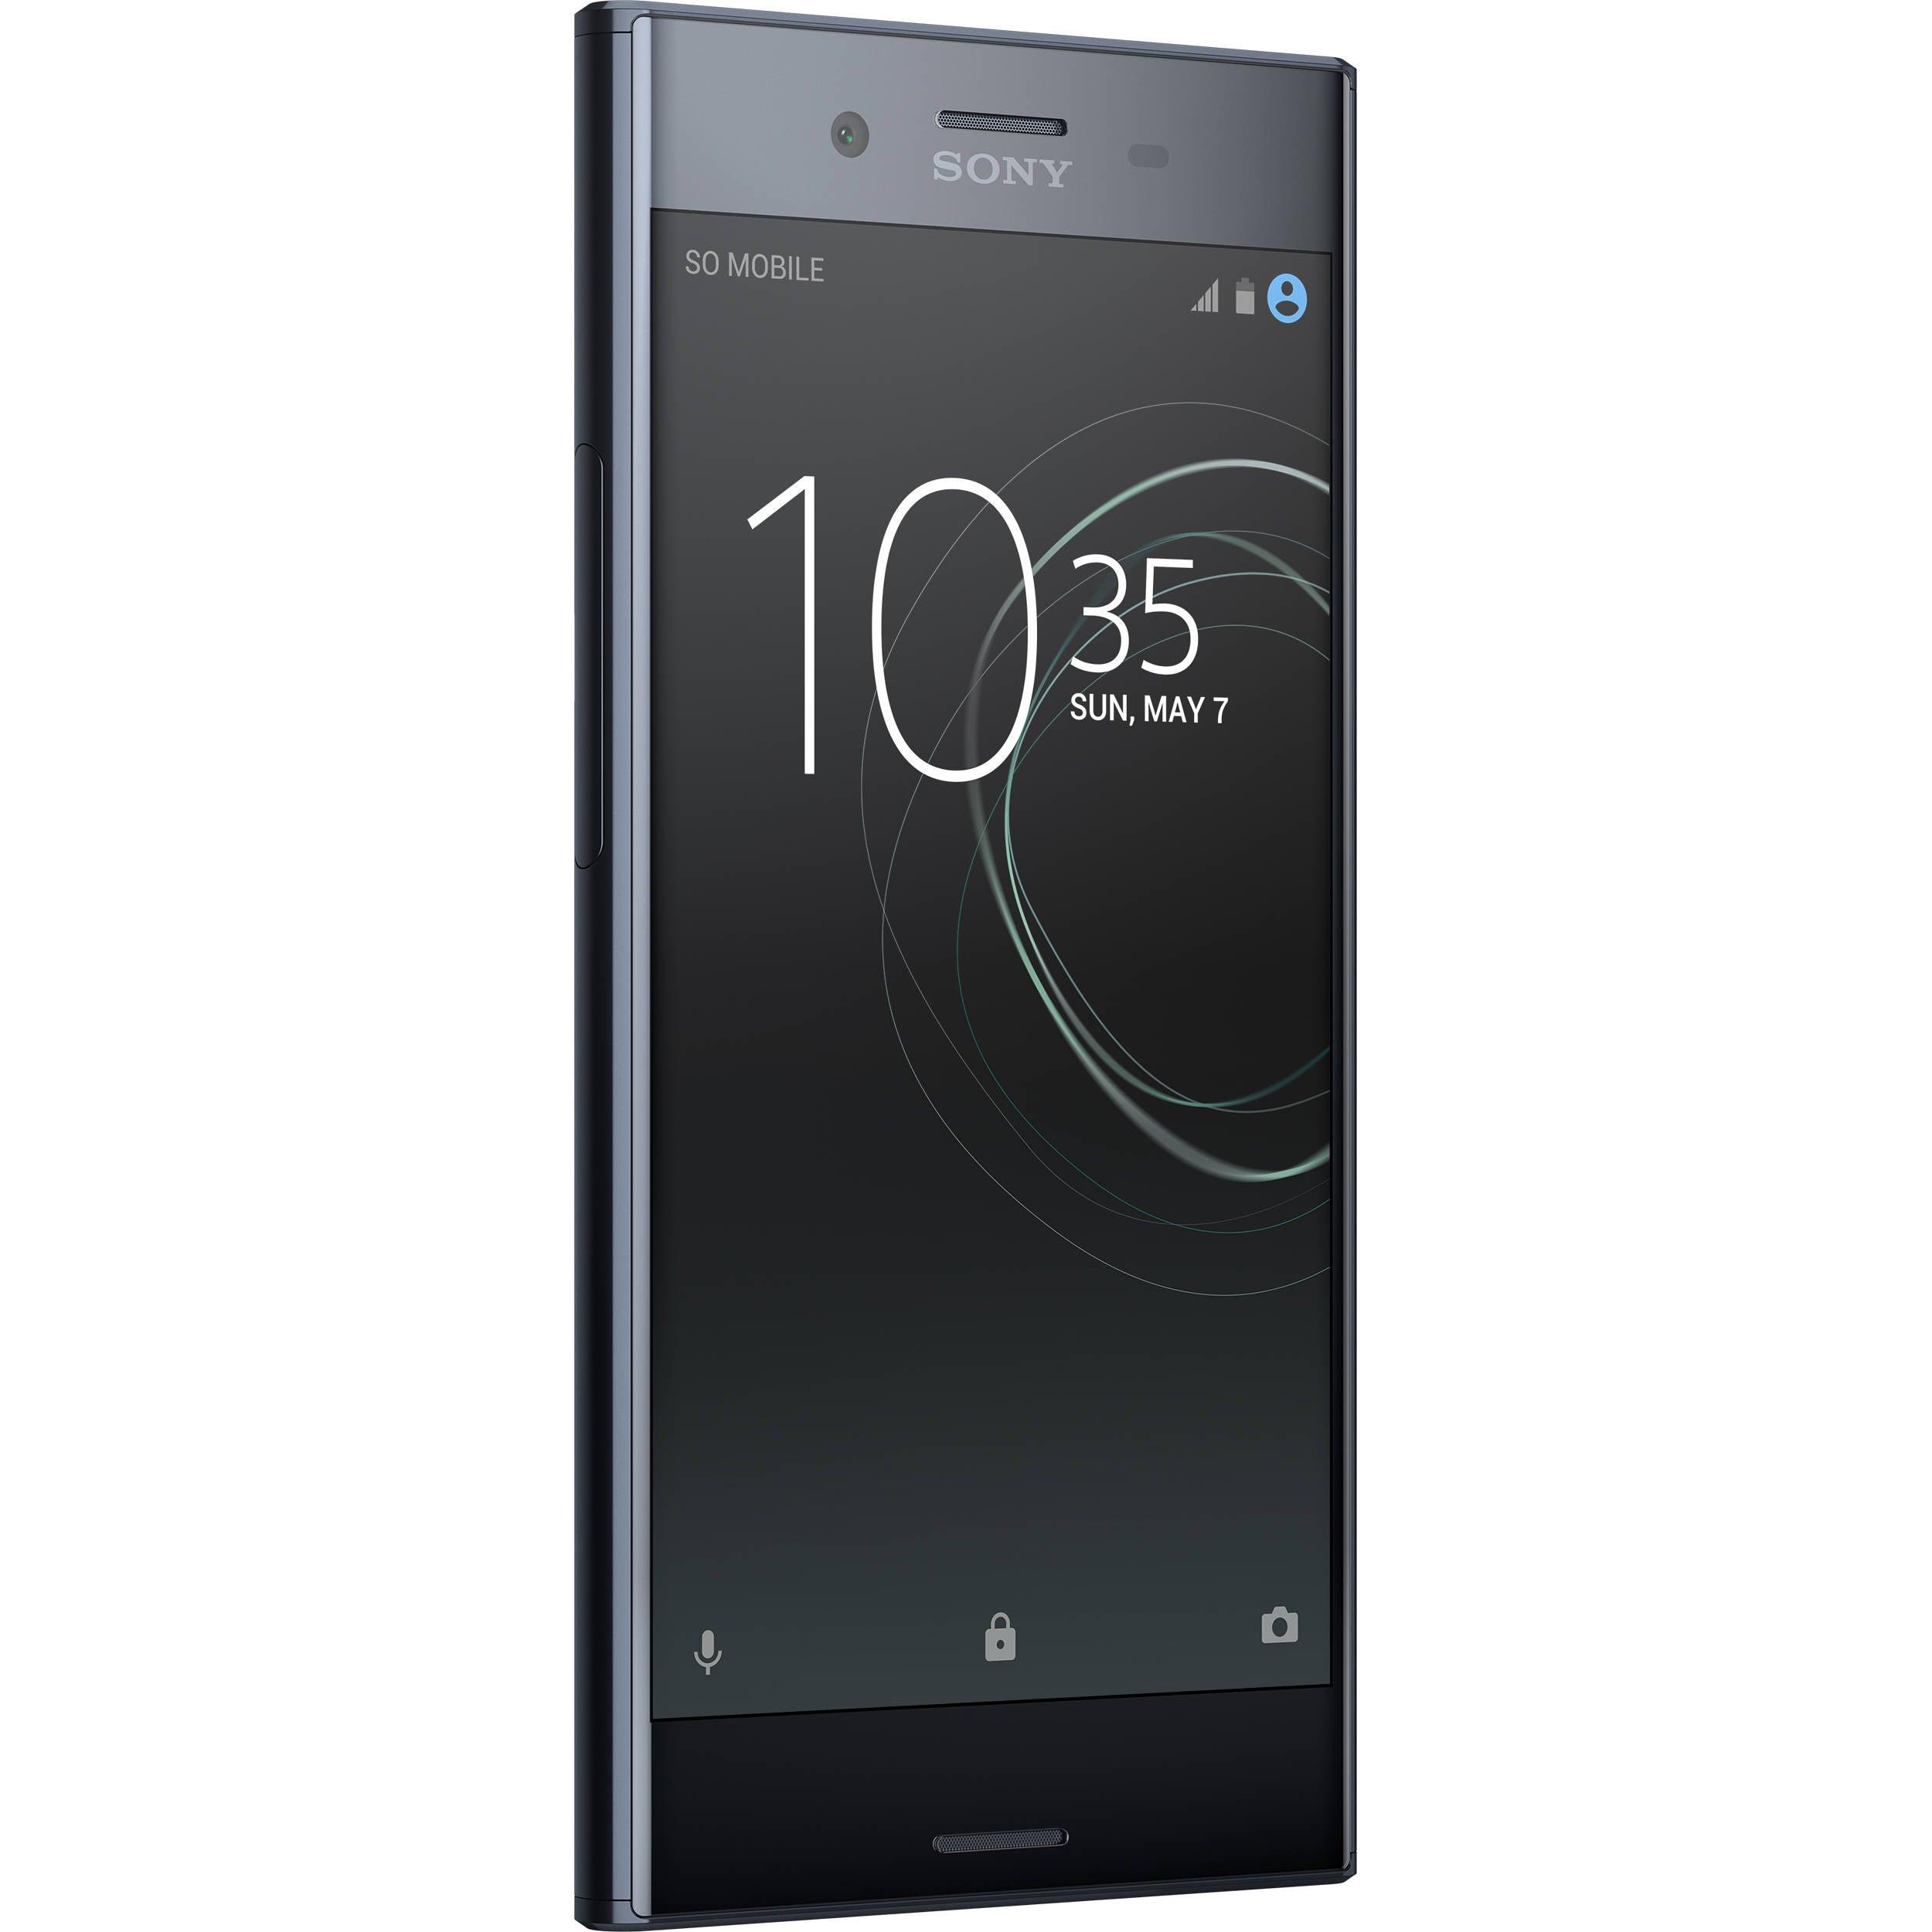 Sony Xperia XZ Premium Mobile Phone